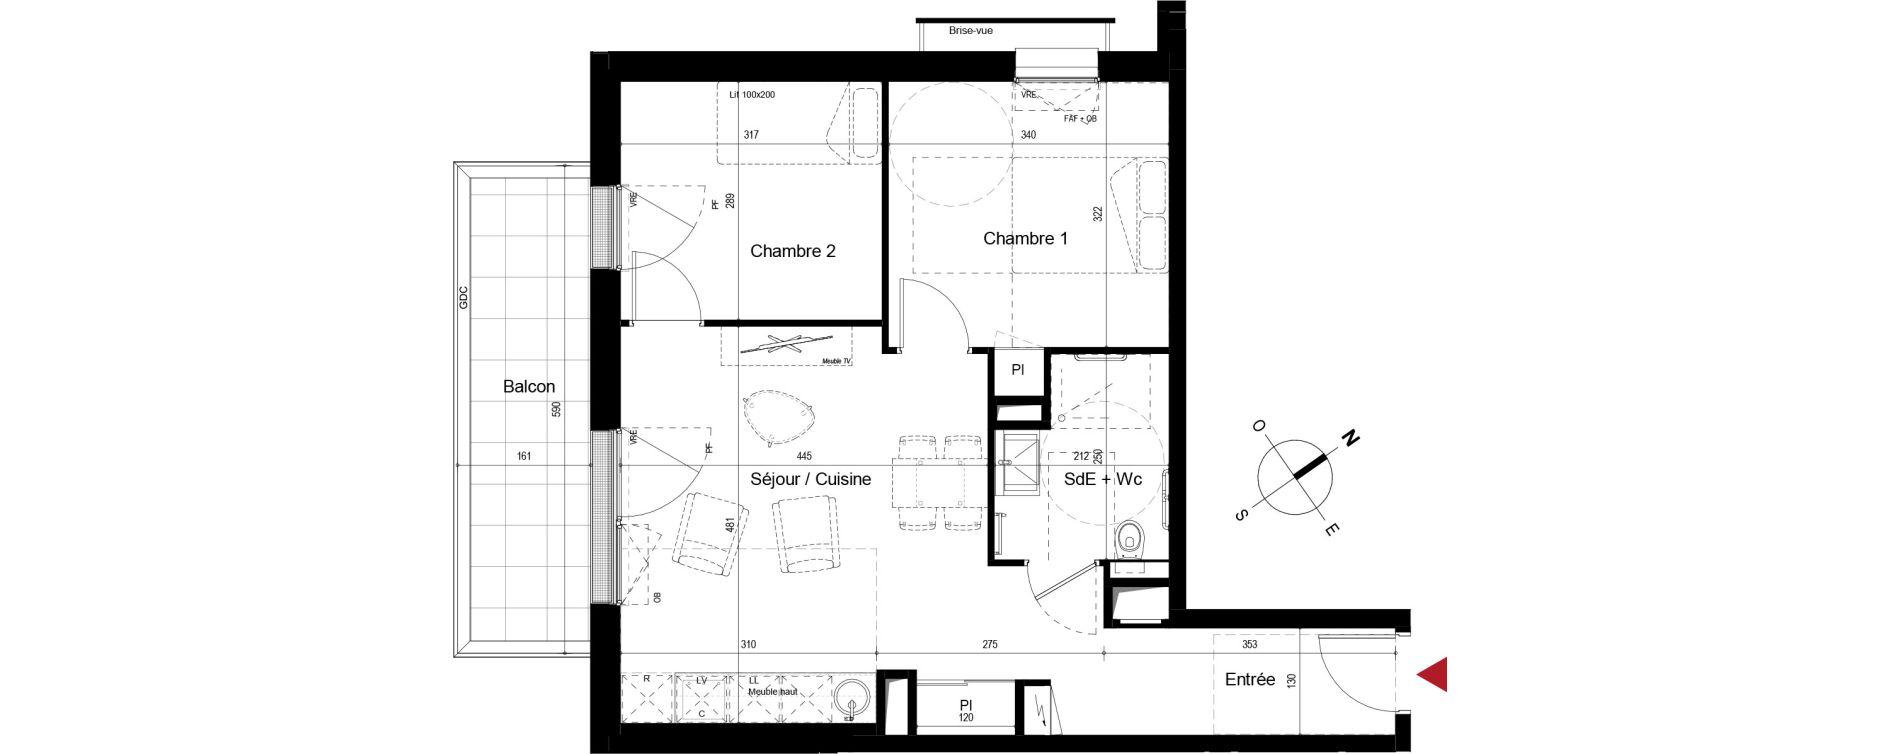 Appartement T3 meublé de 53,11 m2 à Royan Centre